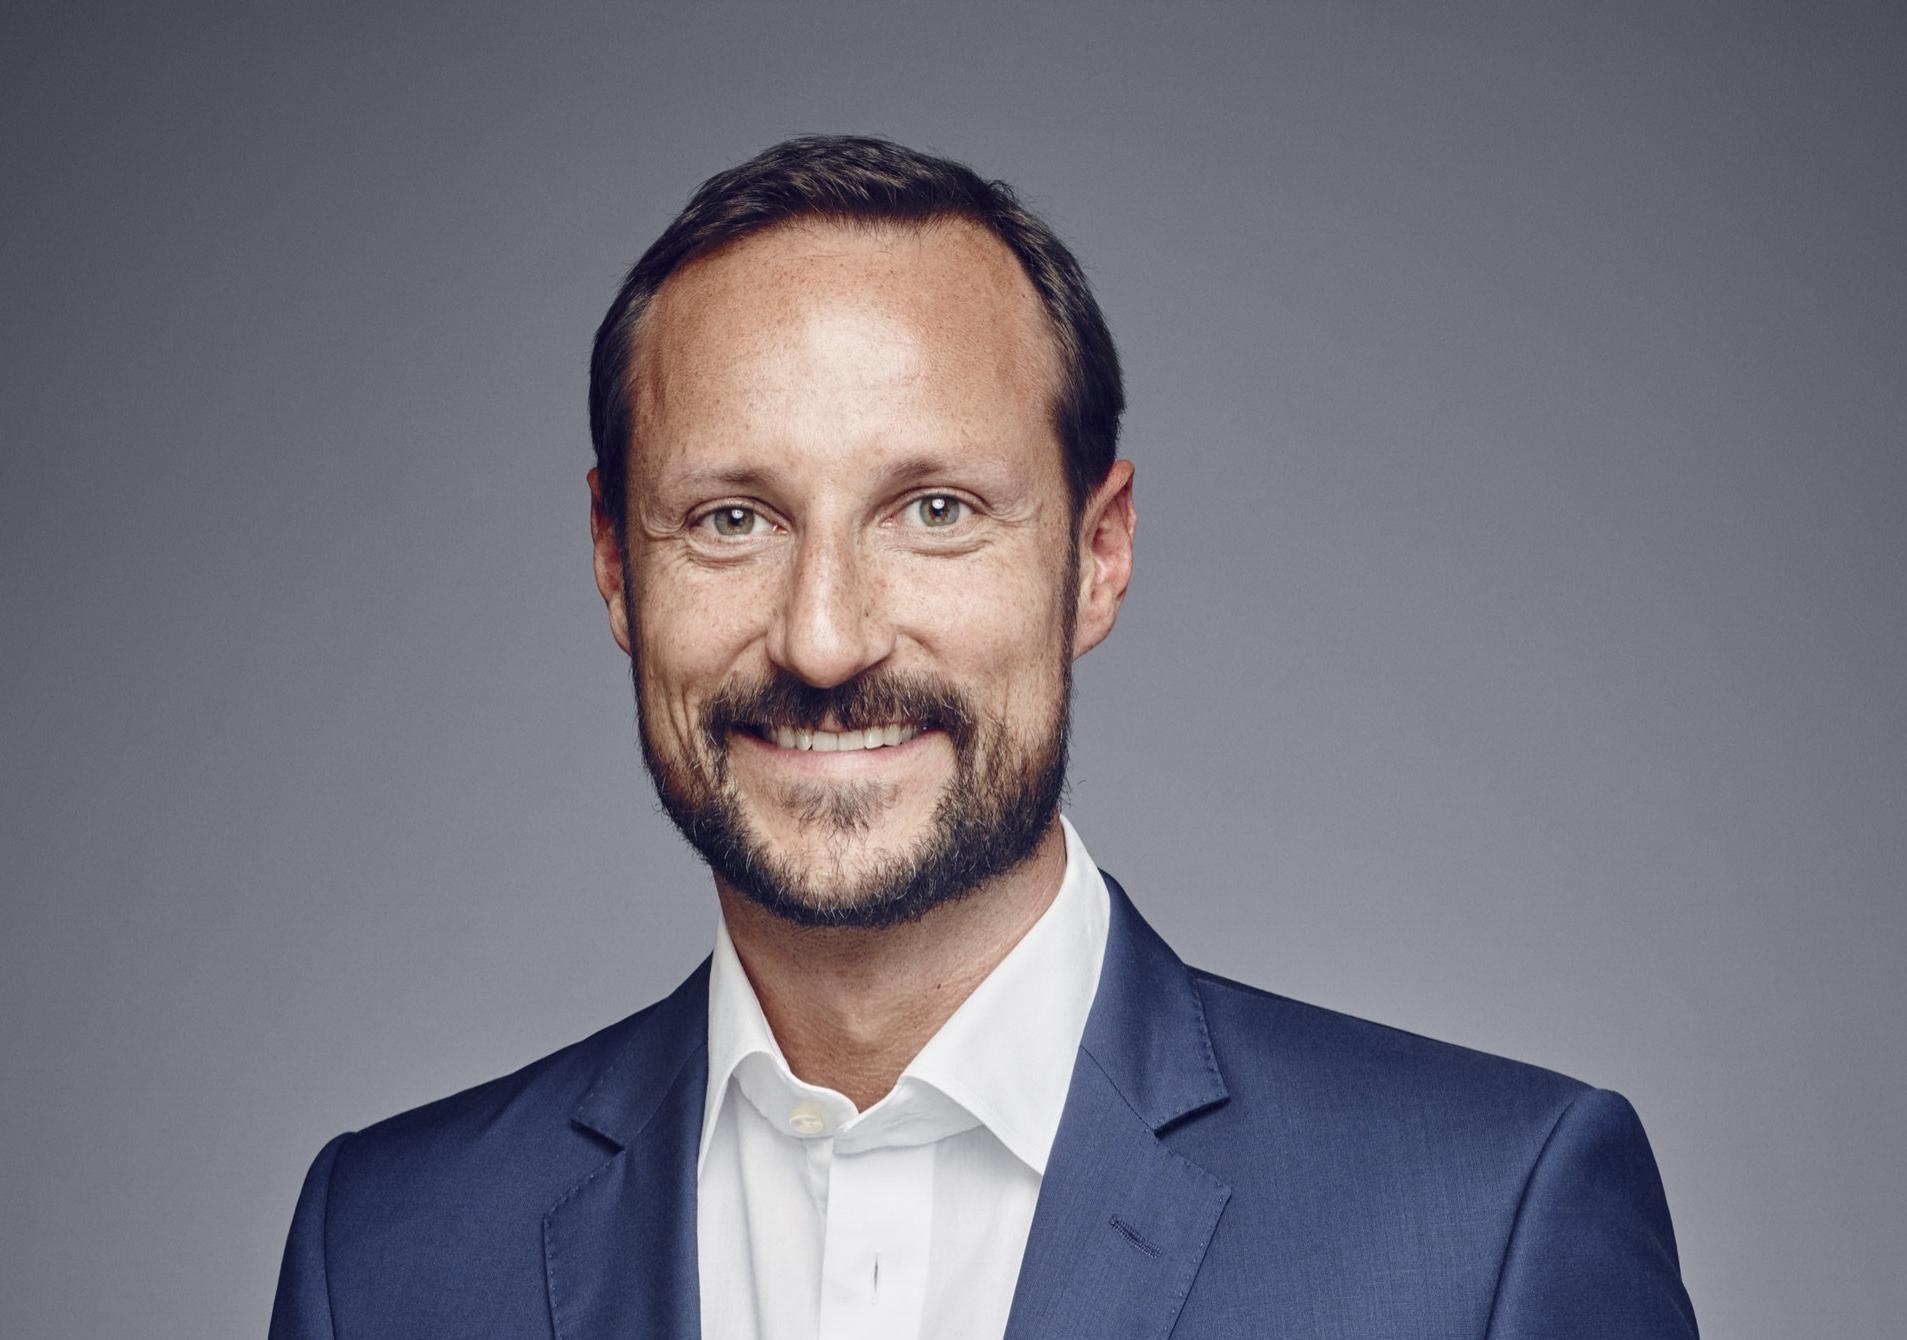 Kronprinz Haakon  Foto: Jørgen Gomnæs, Det kongelige hoff